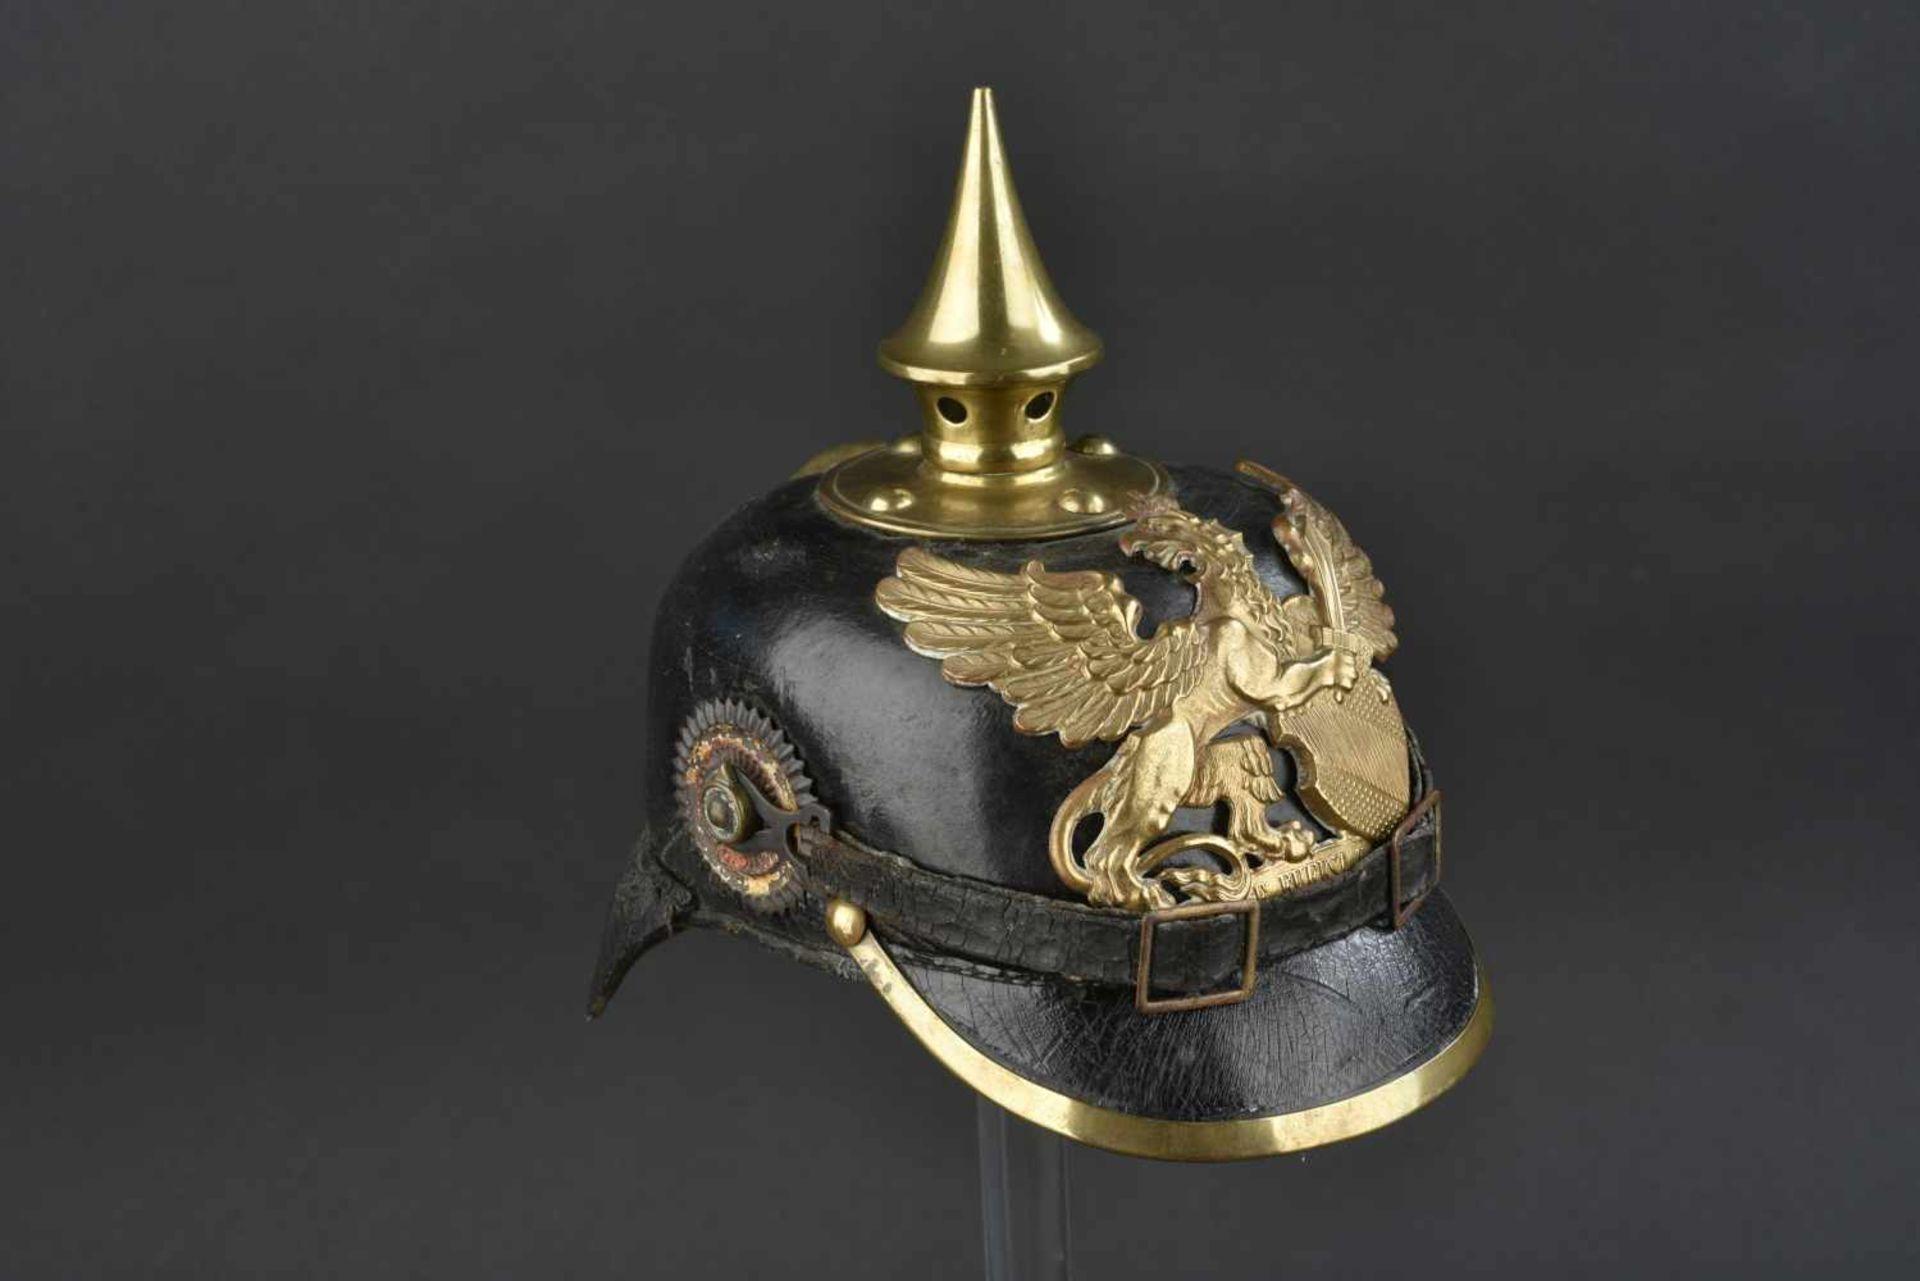 Casque badois 1895 Bombe en cuir, légèrement craquelée. Plaque badoise d origine. Bonnes cocardes.